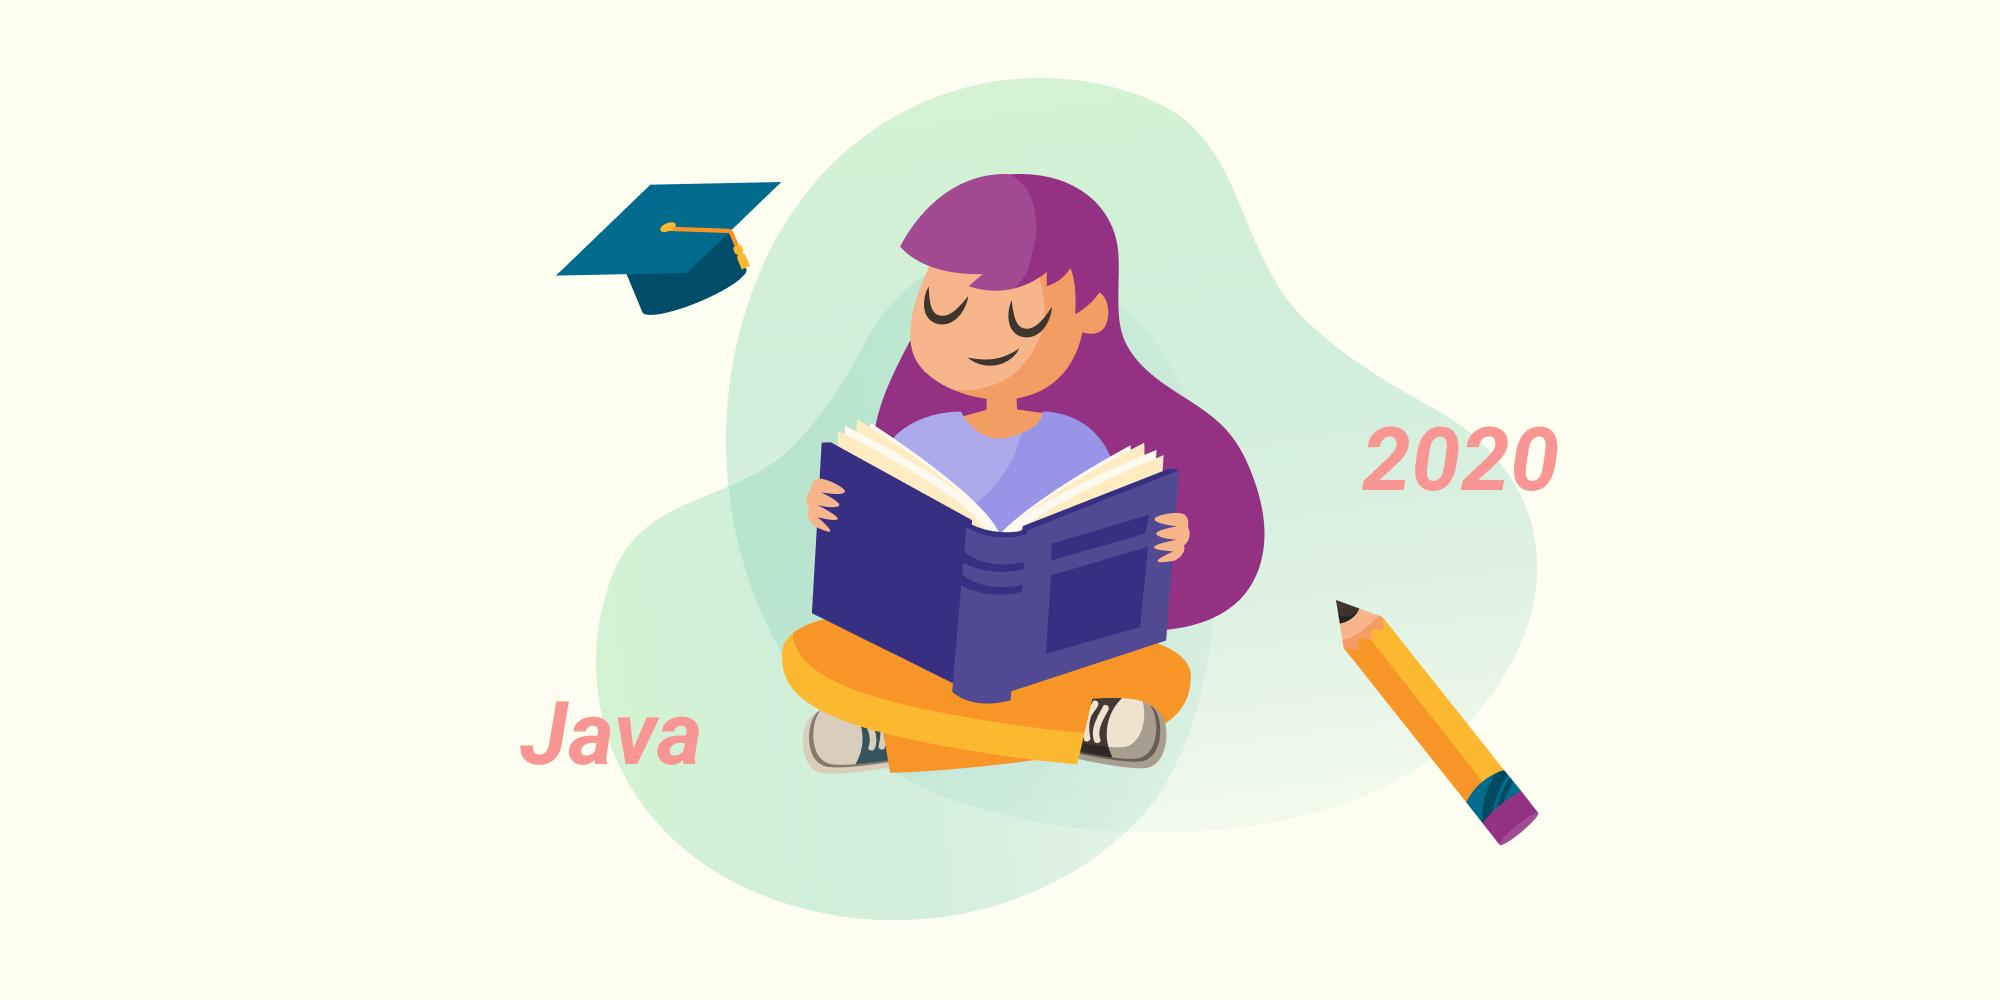 Тезисно: 10 доводов, почему Java всё ещё хороший выбор для изучения нового языка